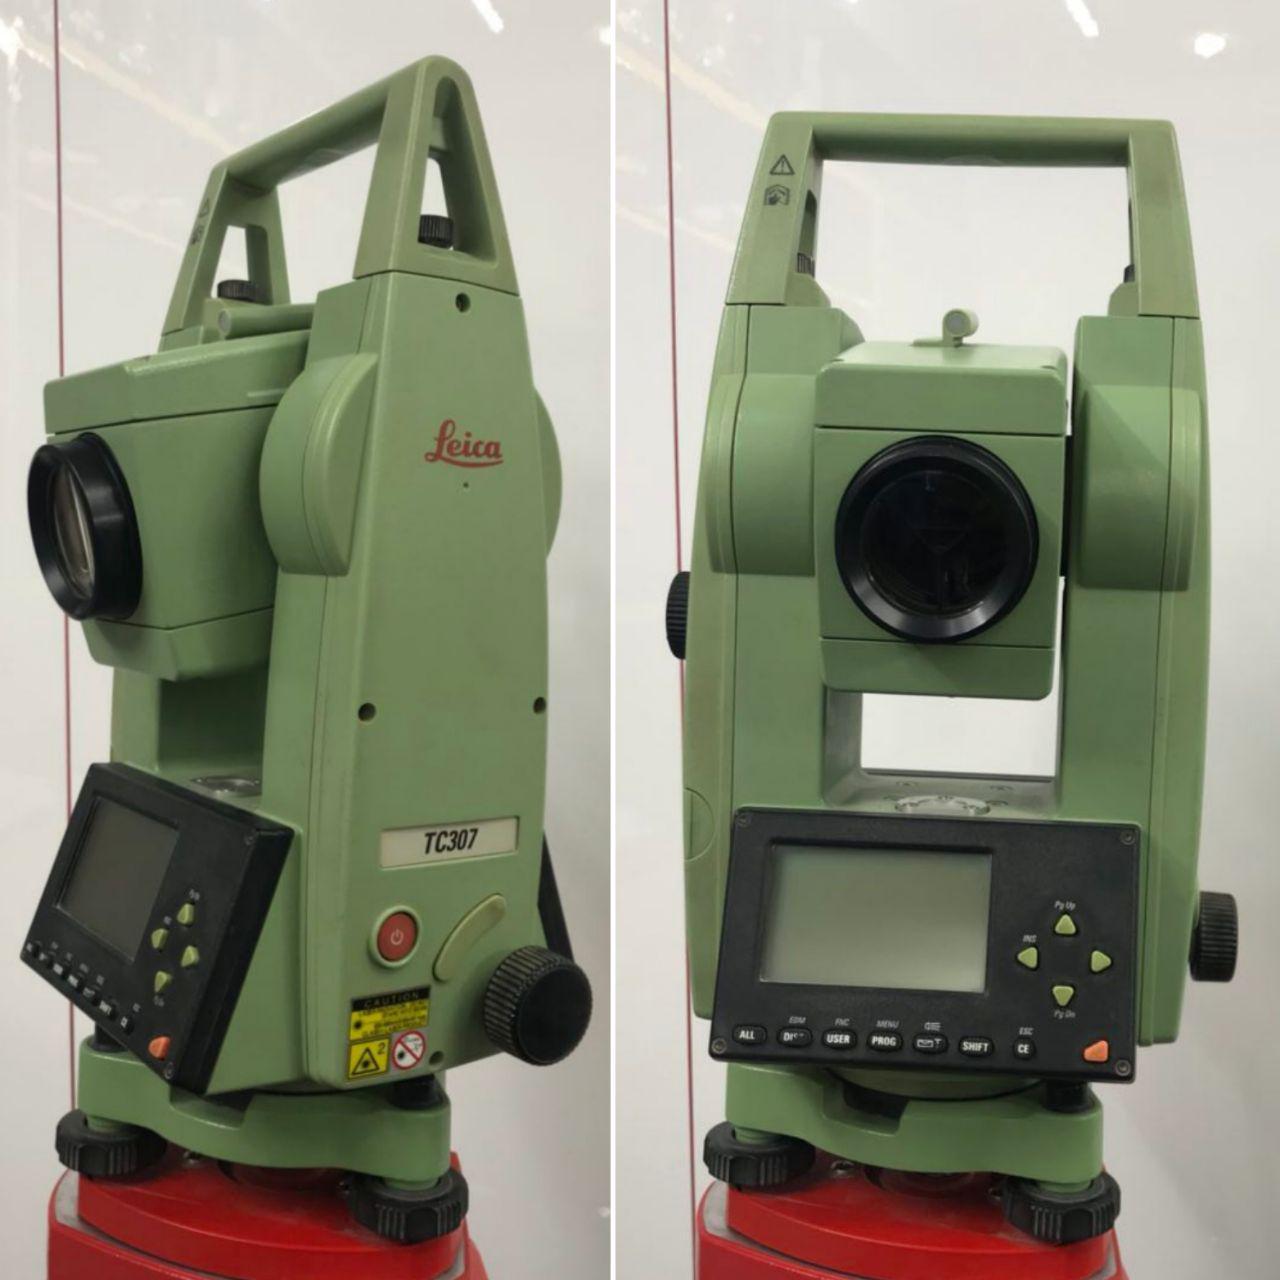 دوربین دست دوم توتال استیشن لایکا  Leica TC 307